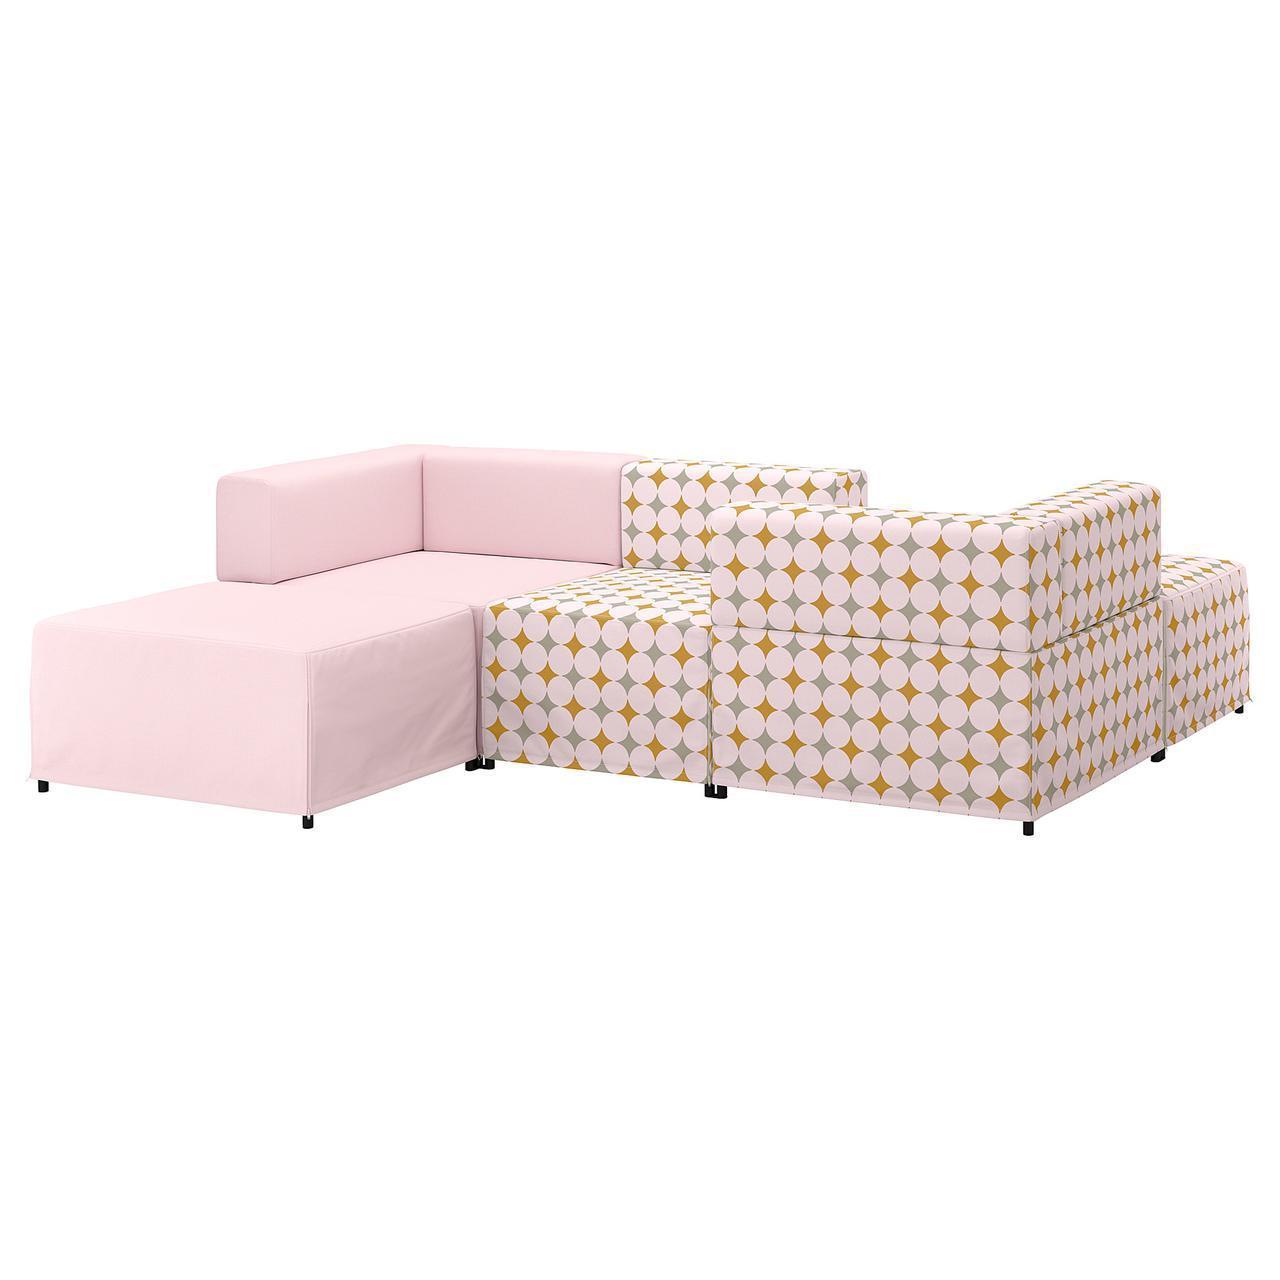 Диван IKEA KUNGSHAMN модульный 3-местный Idekulla розовый Yttered разноцветный 392.750.79